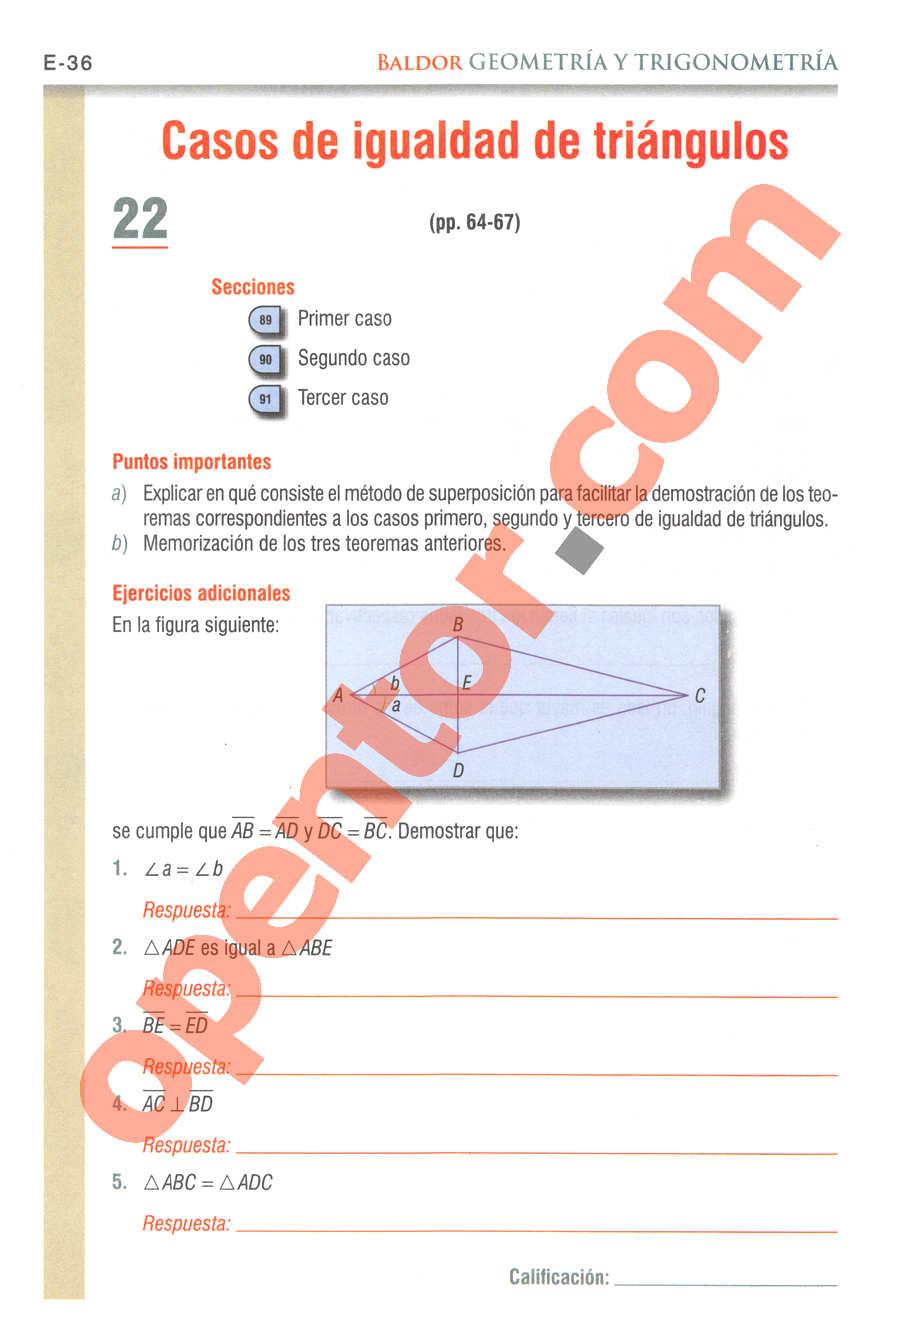 Geometría y Trigonometría de Baldor - Página E36